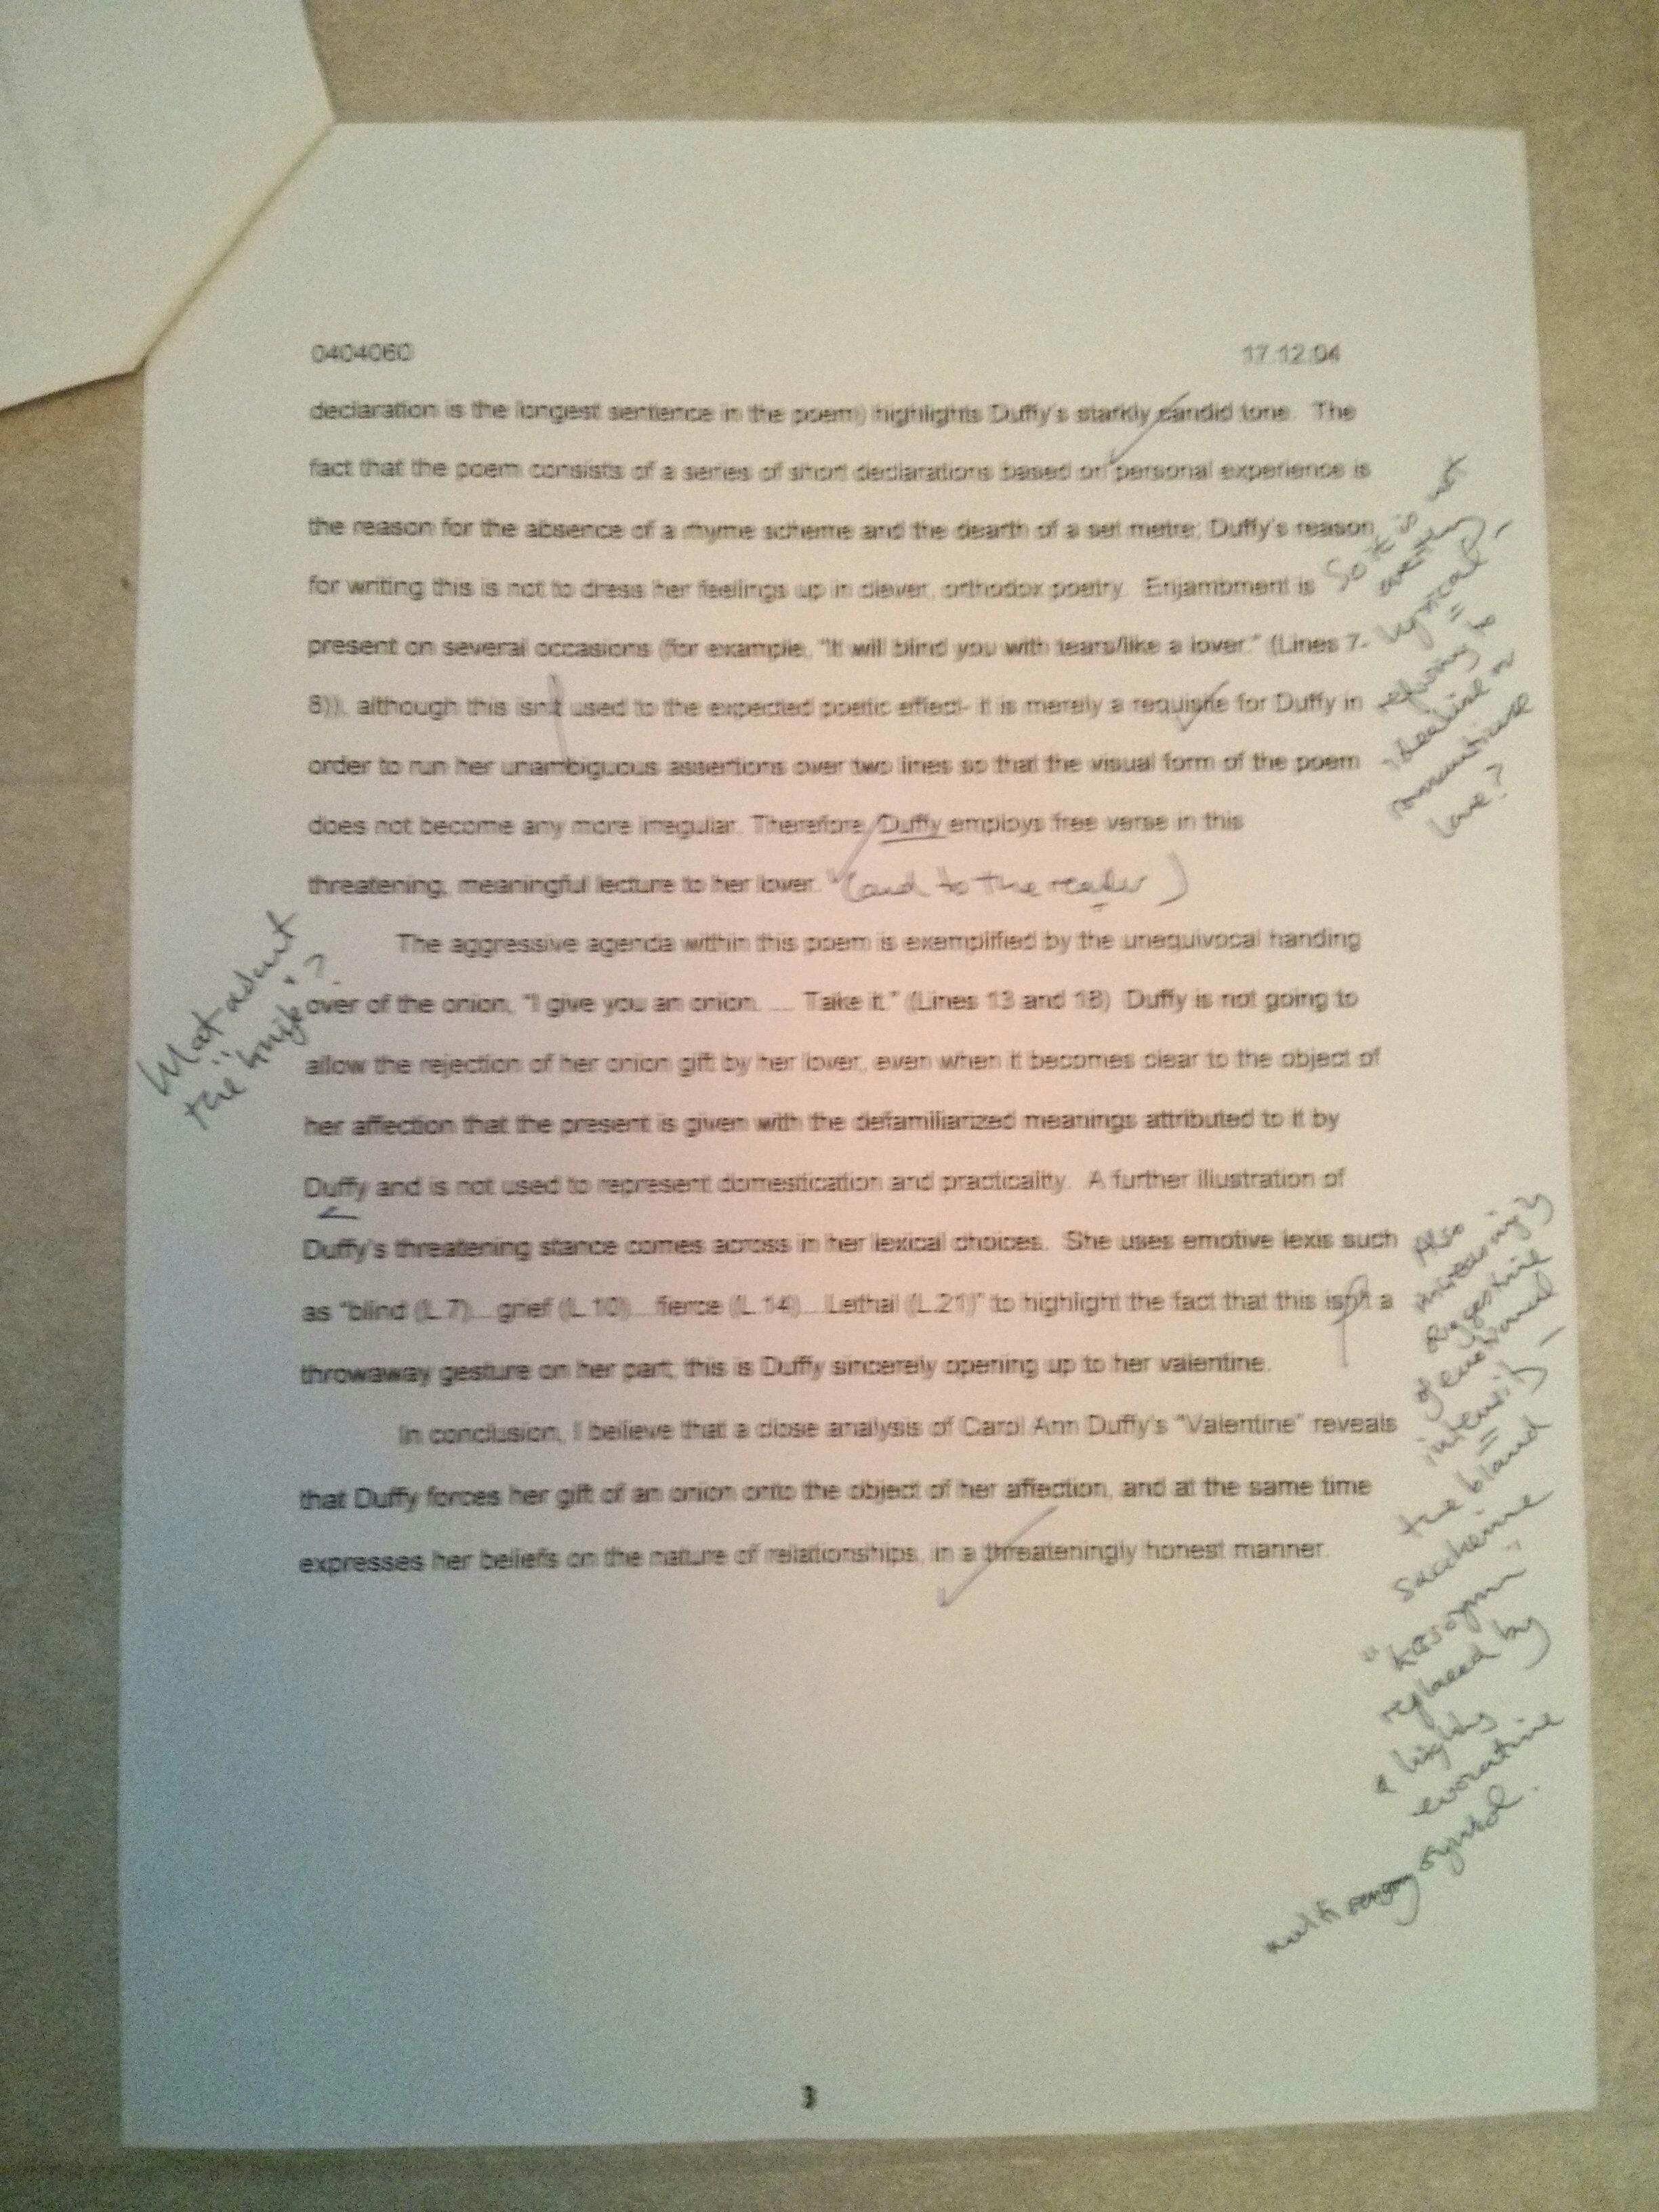 Essay, Valentine Carol Ann Duffy Free Essay Example